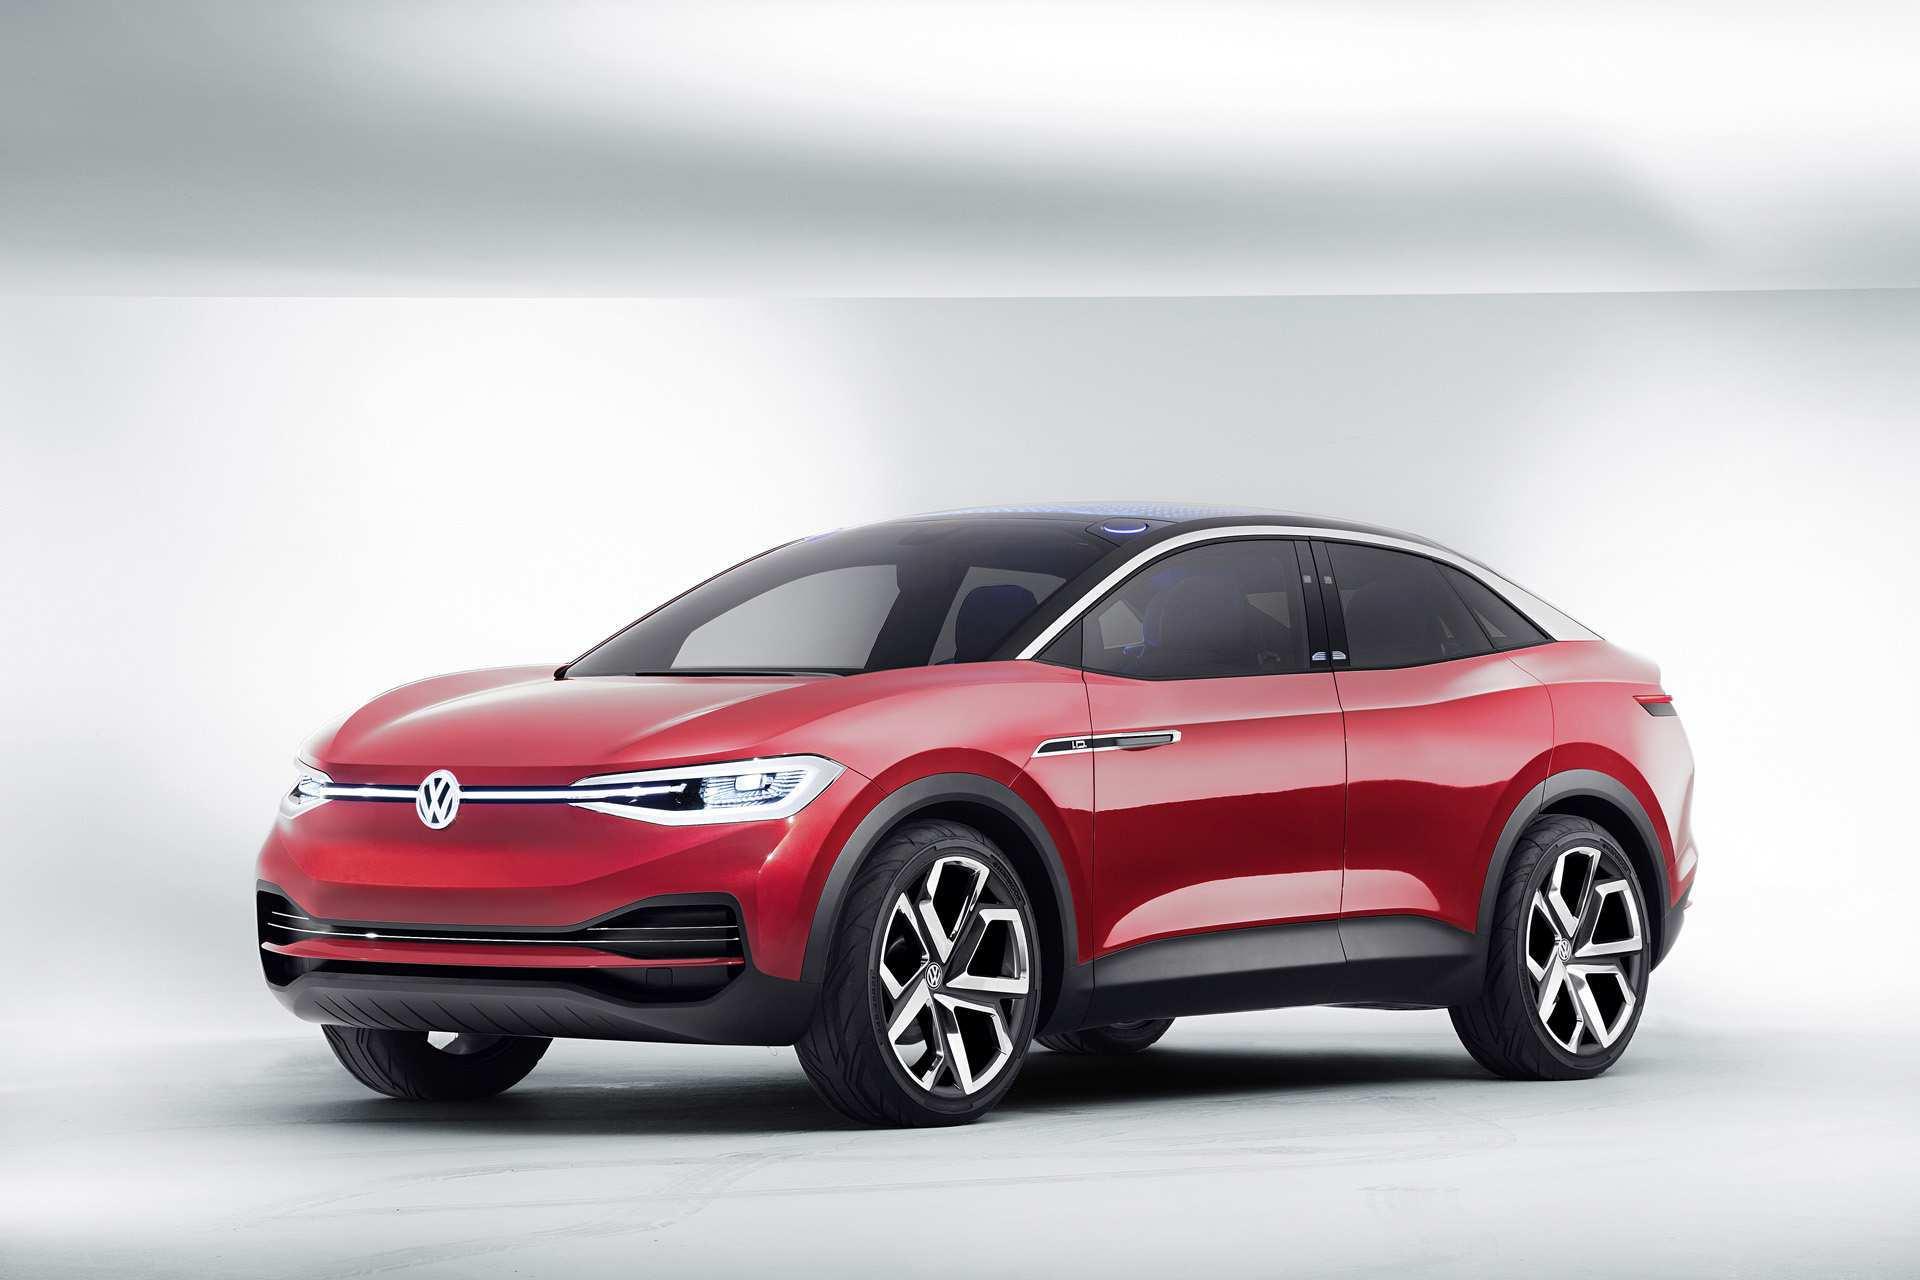 83 New Volkswagen 2020 Launch Specs for Volkswagen 2020 Launch